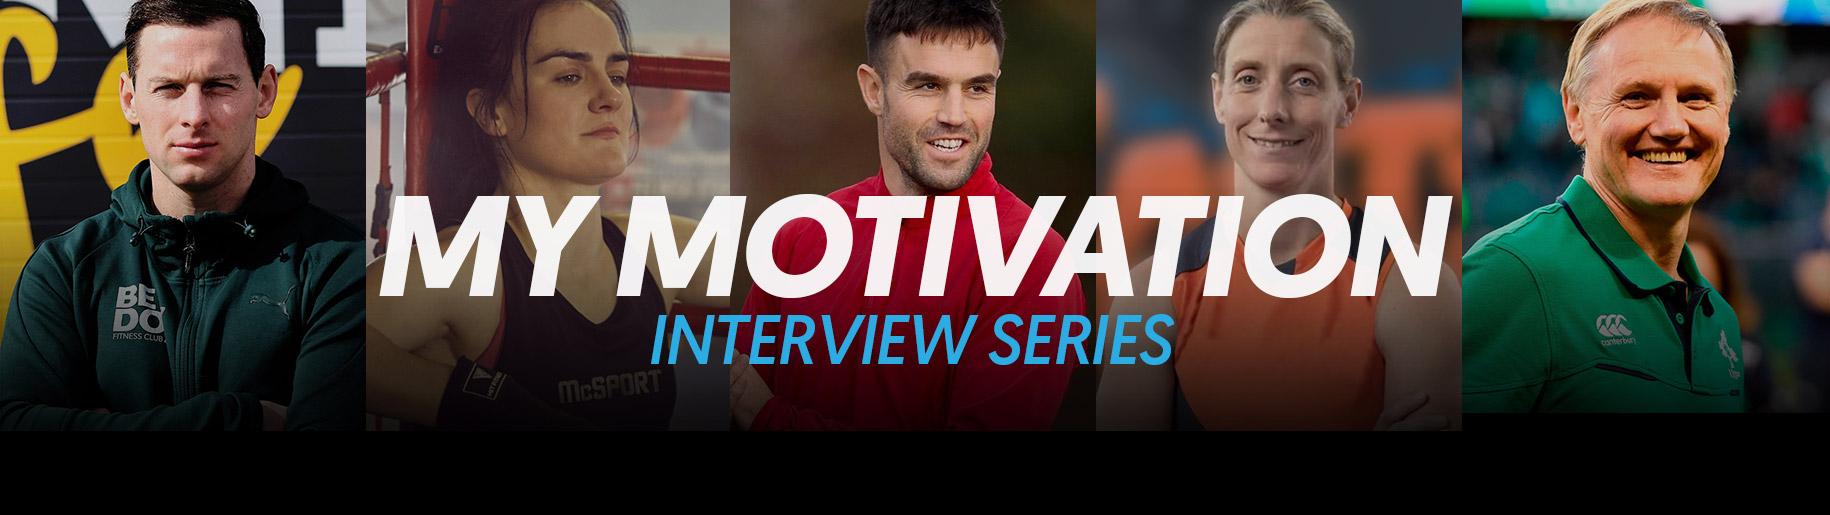 My Motivation Interview Series Header